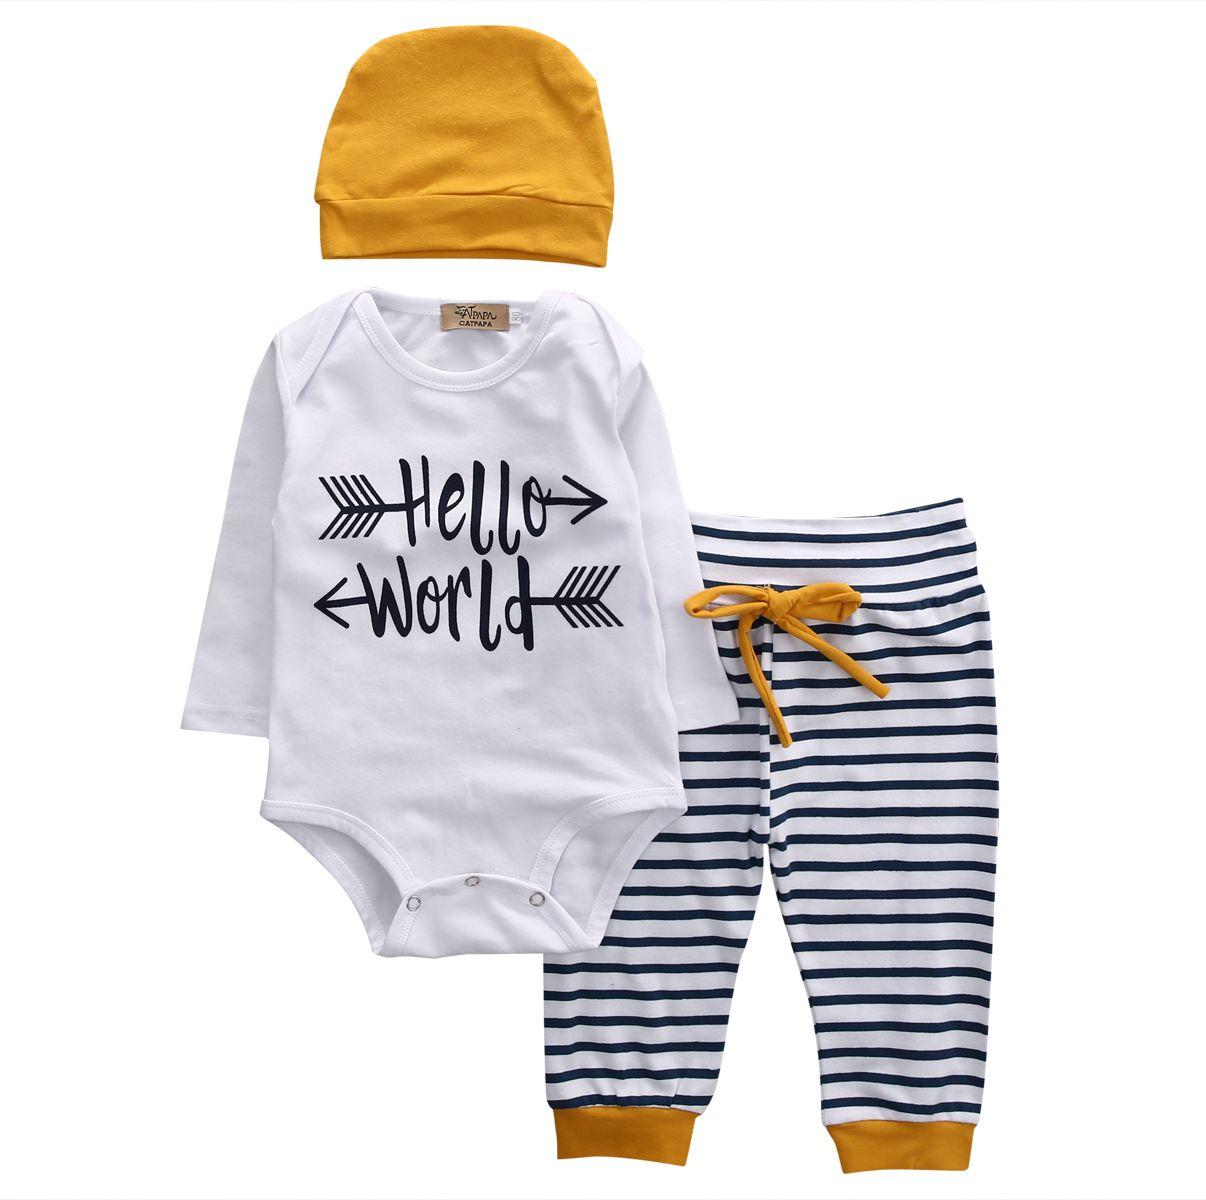 93451ddc4 Barato 3 pcs Bebê Recém nascido Infantil Roupas Casuais Manga Longa Olá  Mundo Romper Calça Listrada